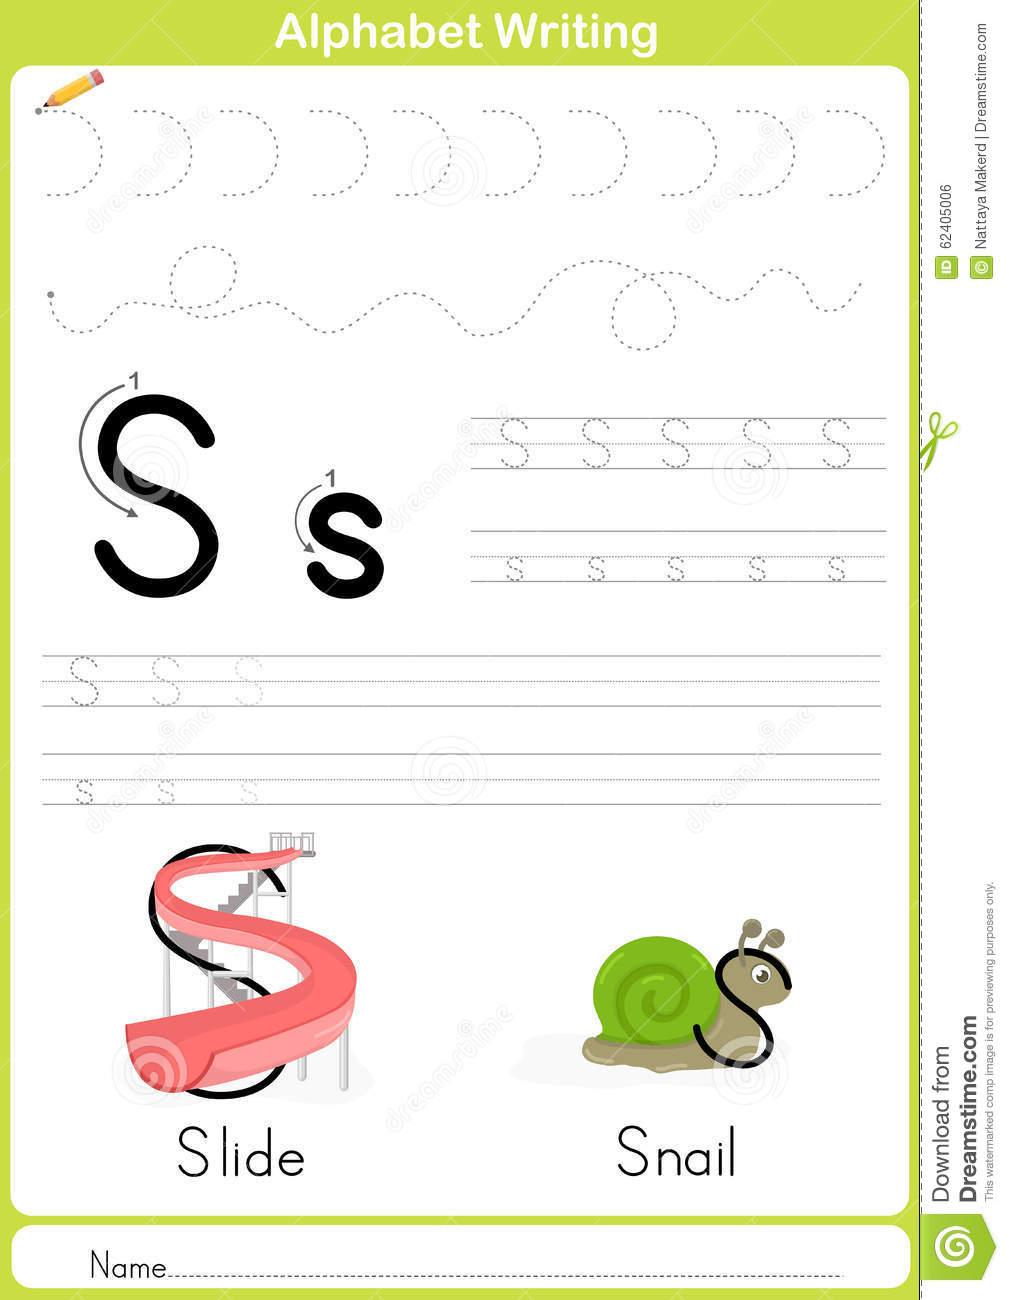 Alphabet A-Z Tracing Worksheet, Exercices Pour Des Enfants dedans Papier A Lettre Enfant